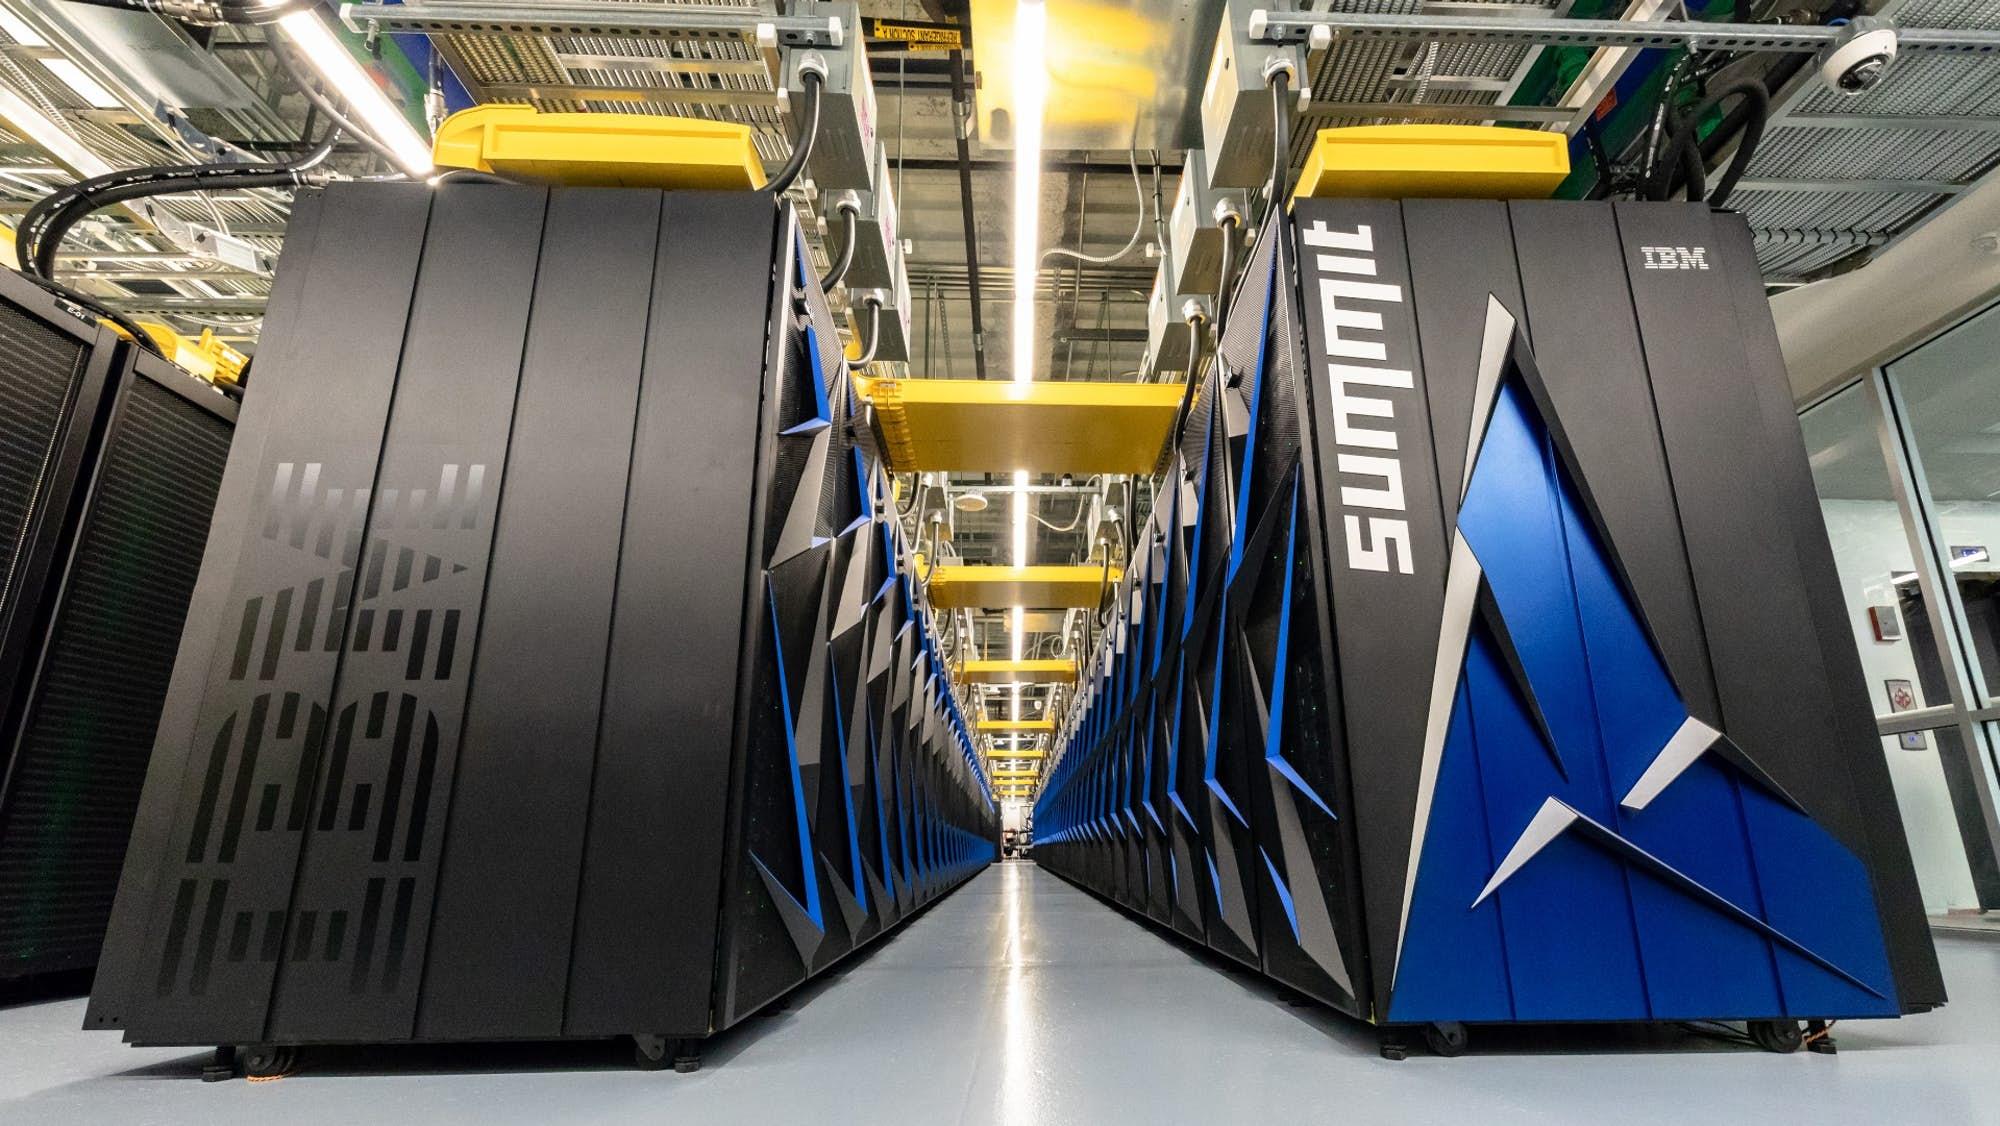 Nejvýkonnějším superpočítačem je Summit. Kredit: ORNL.